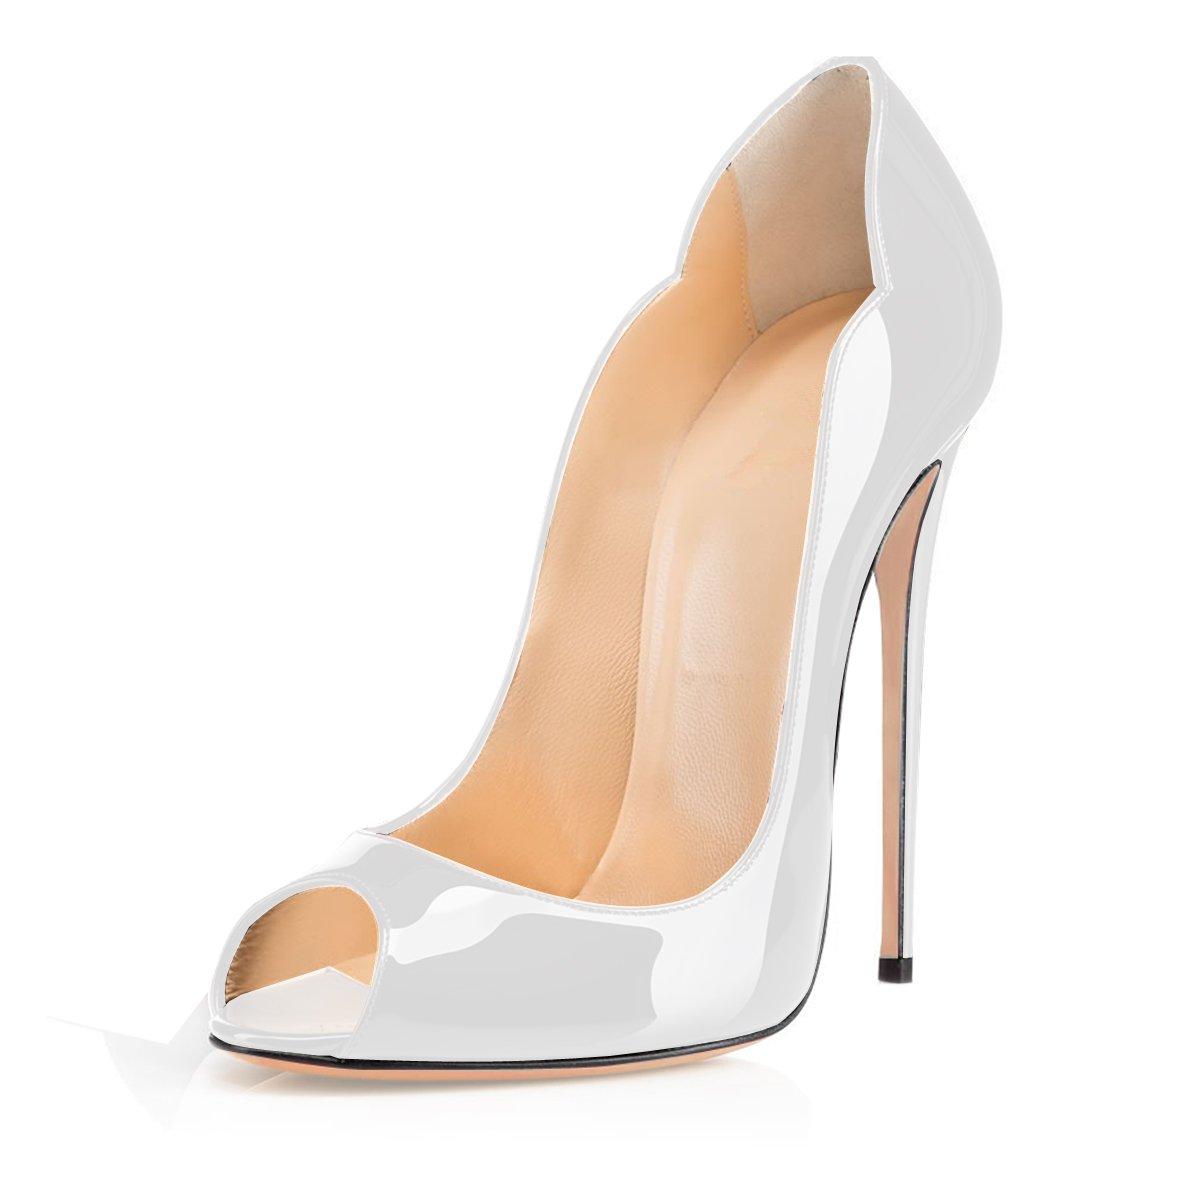 f01fef65bbca28 elashe Escarpins Femme Talon Haut | 12cm Bout Ouvert Talon Aiguille |  Pompes à Talons Hauts: Amazon.fr: Chaussures et Sacs